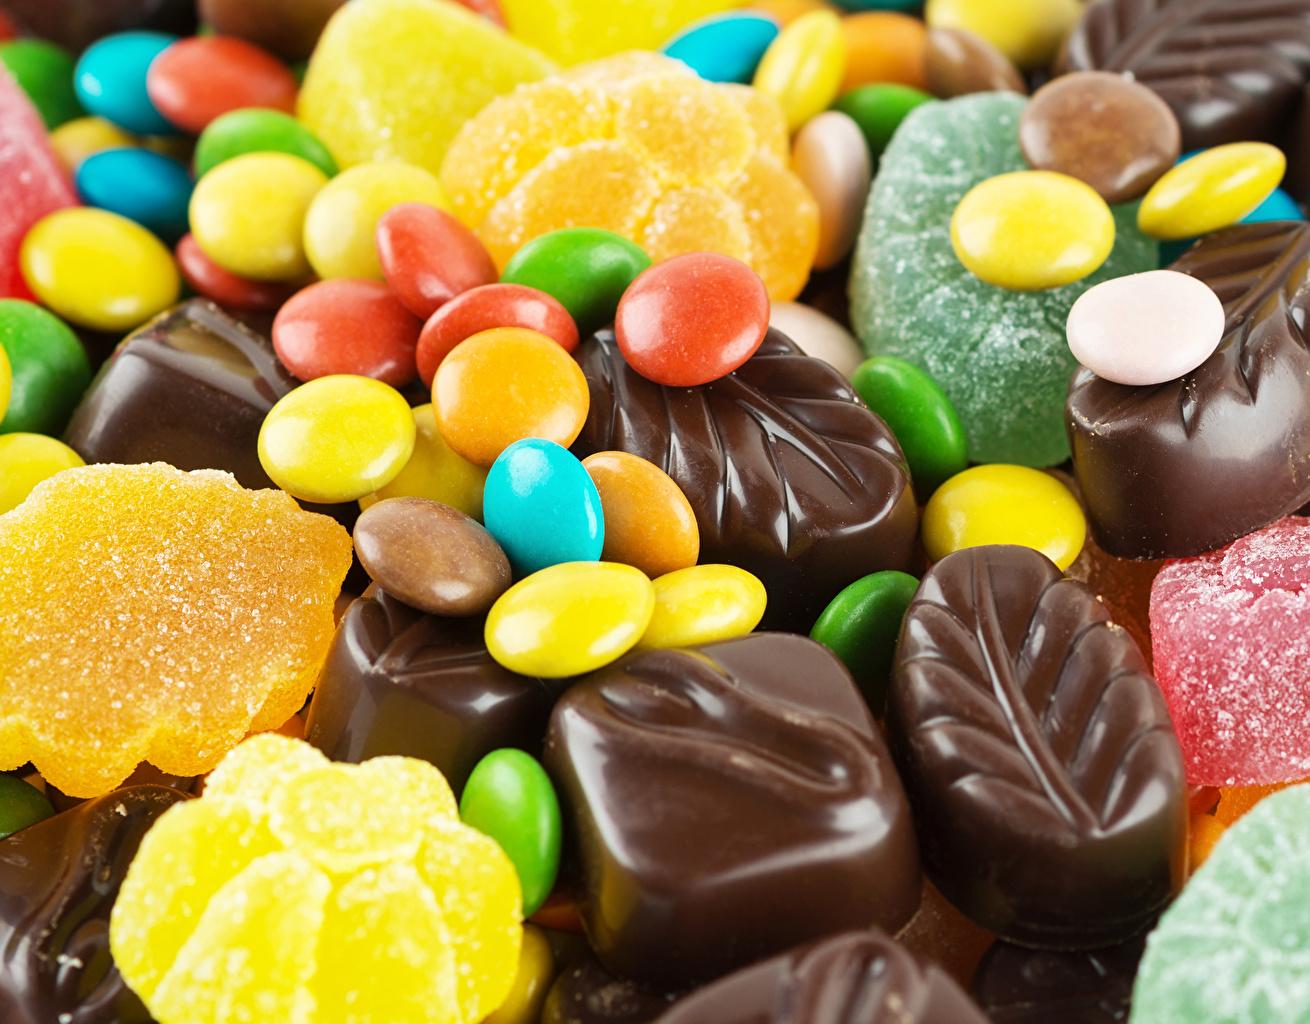 Картинки Шоколад Кофе Мармелад Еда сладкая еда Пища Продукты питания Сладости